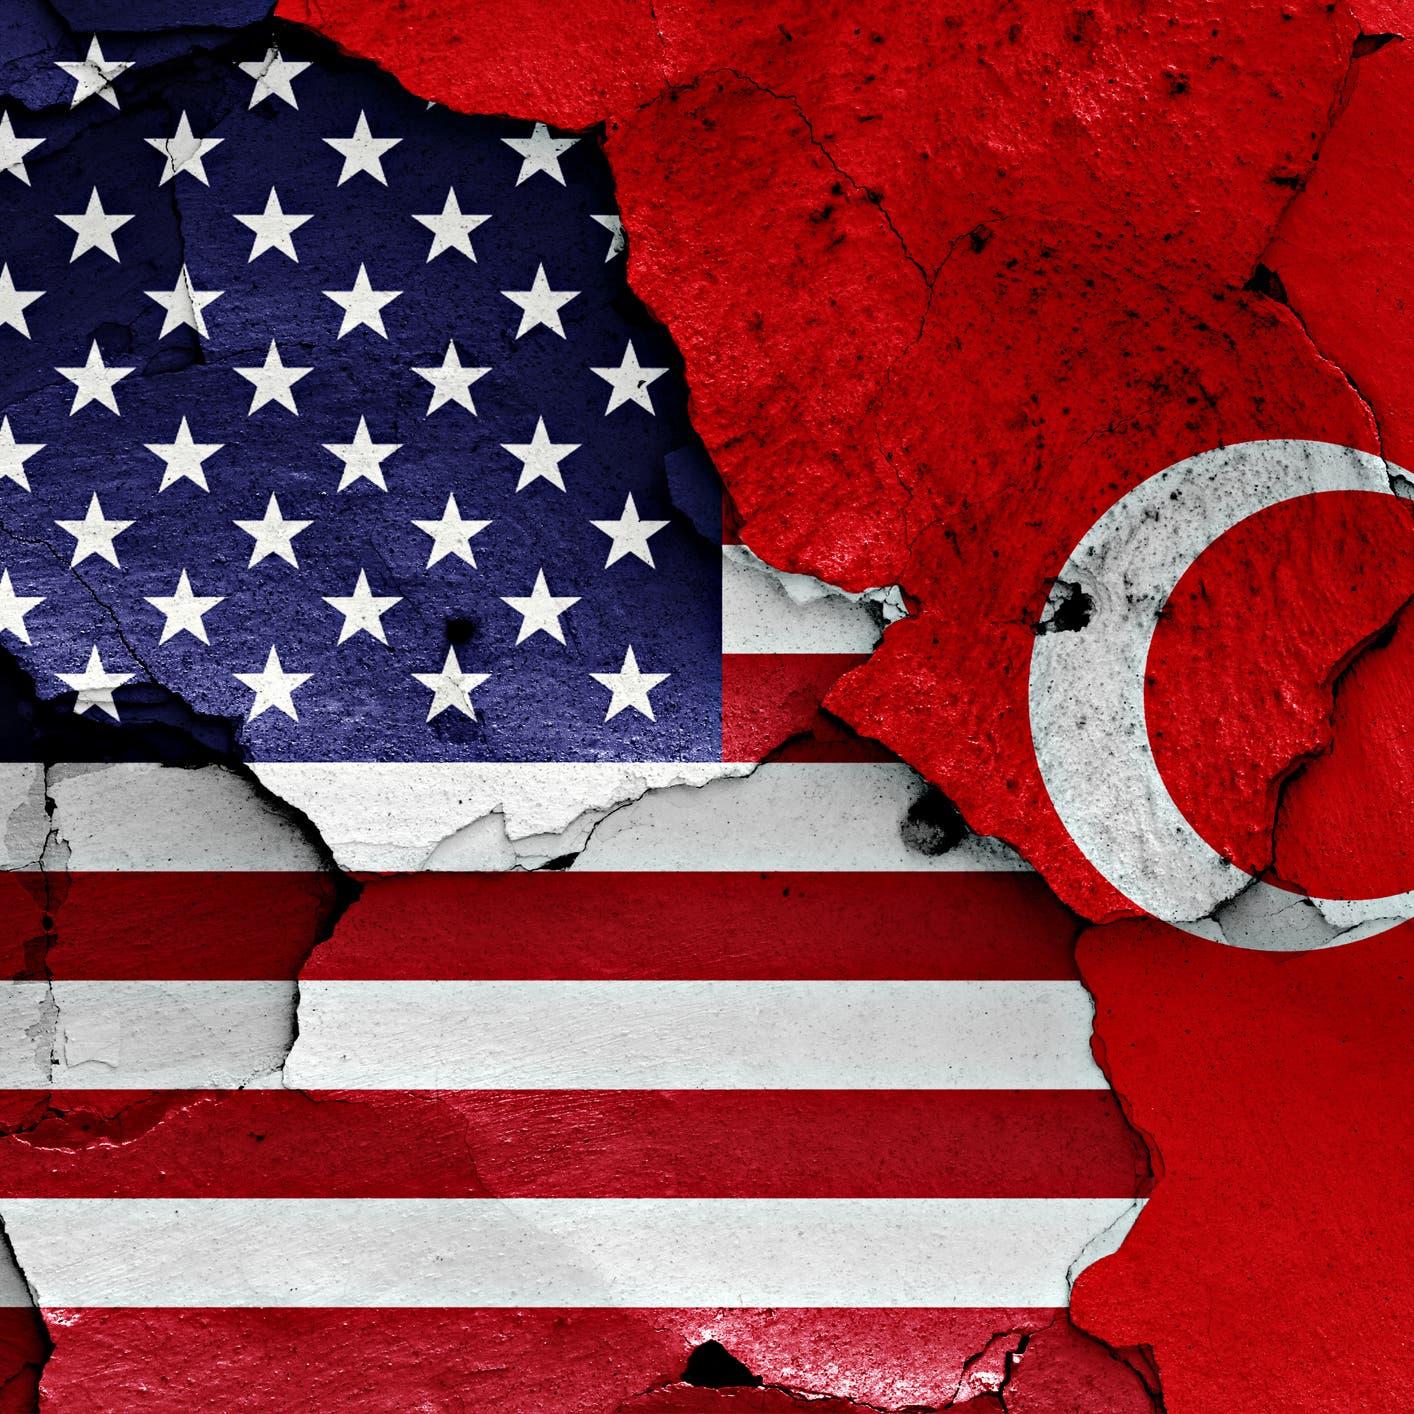 """بعد اعتراف بايدن بـ""""إبادة الأرمن"""".. تركيا تستدعي سفير واشنطن"""